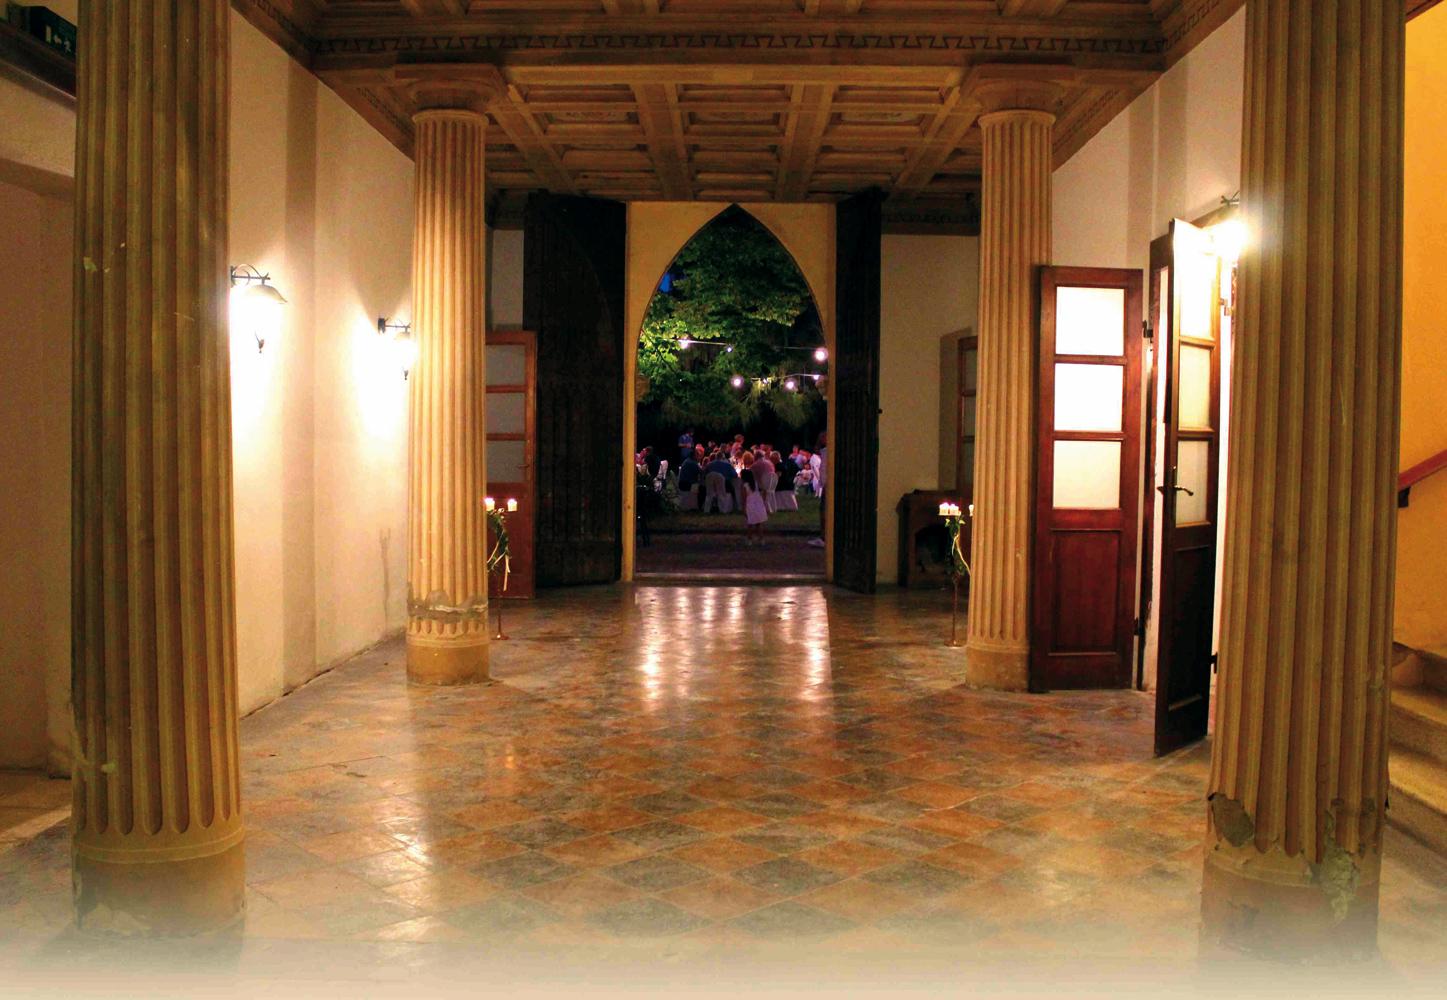 Castello di lugo in affitto location per matrimoni ravenna for Affitto castello roma